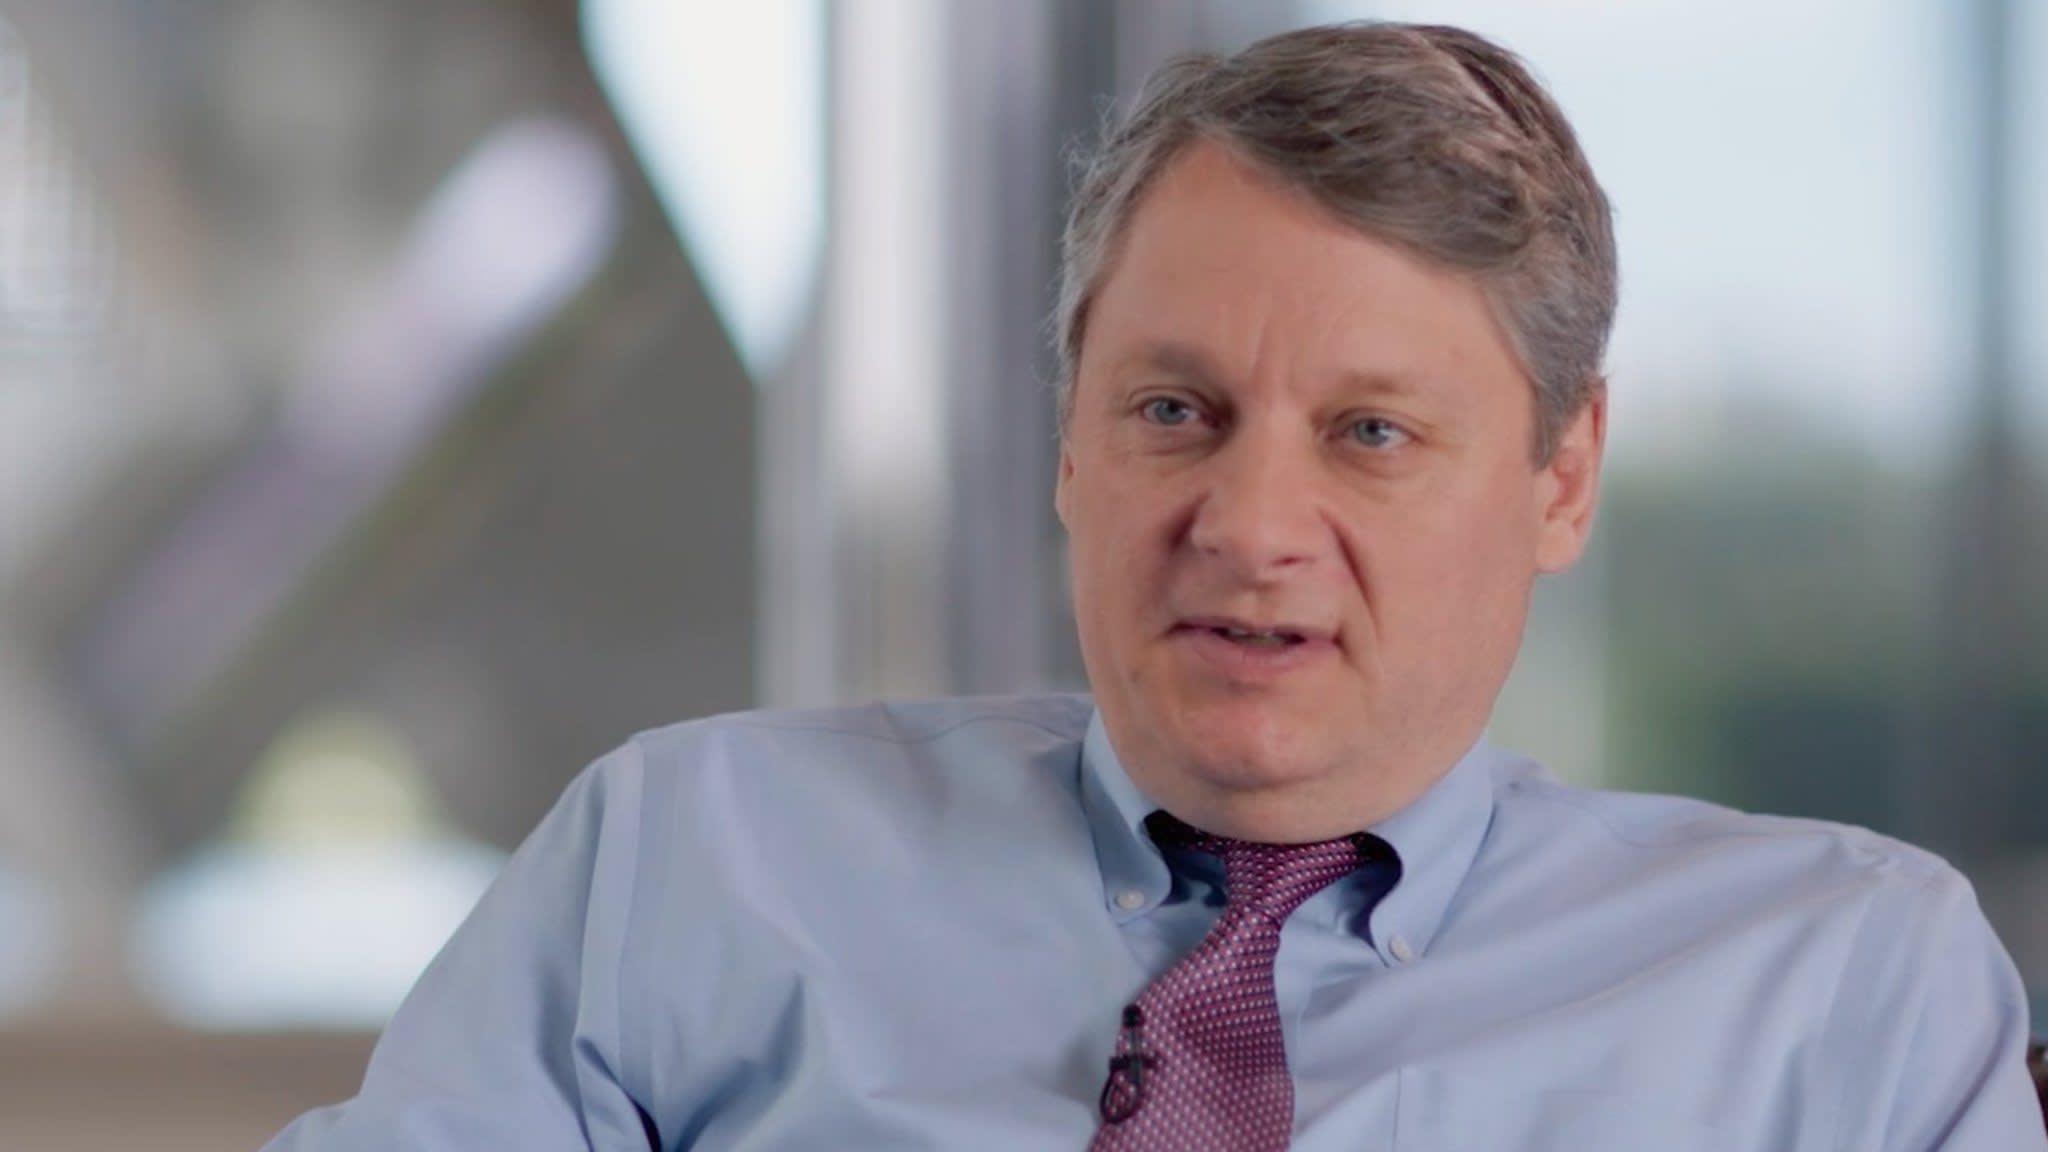 Pimco's Ivascyn sees opportunities in emerging market turmoil